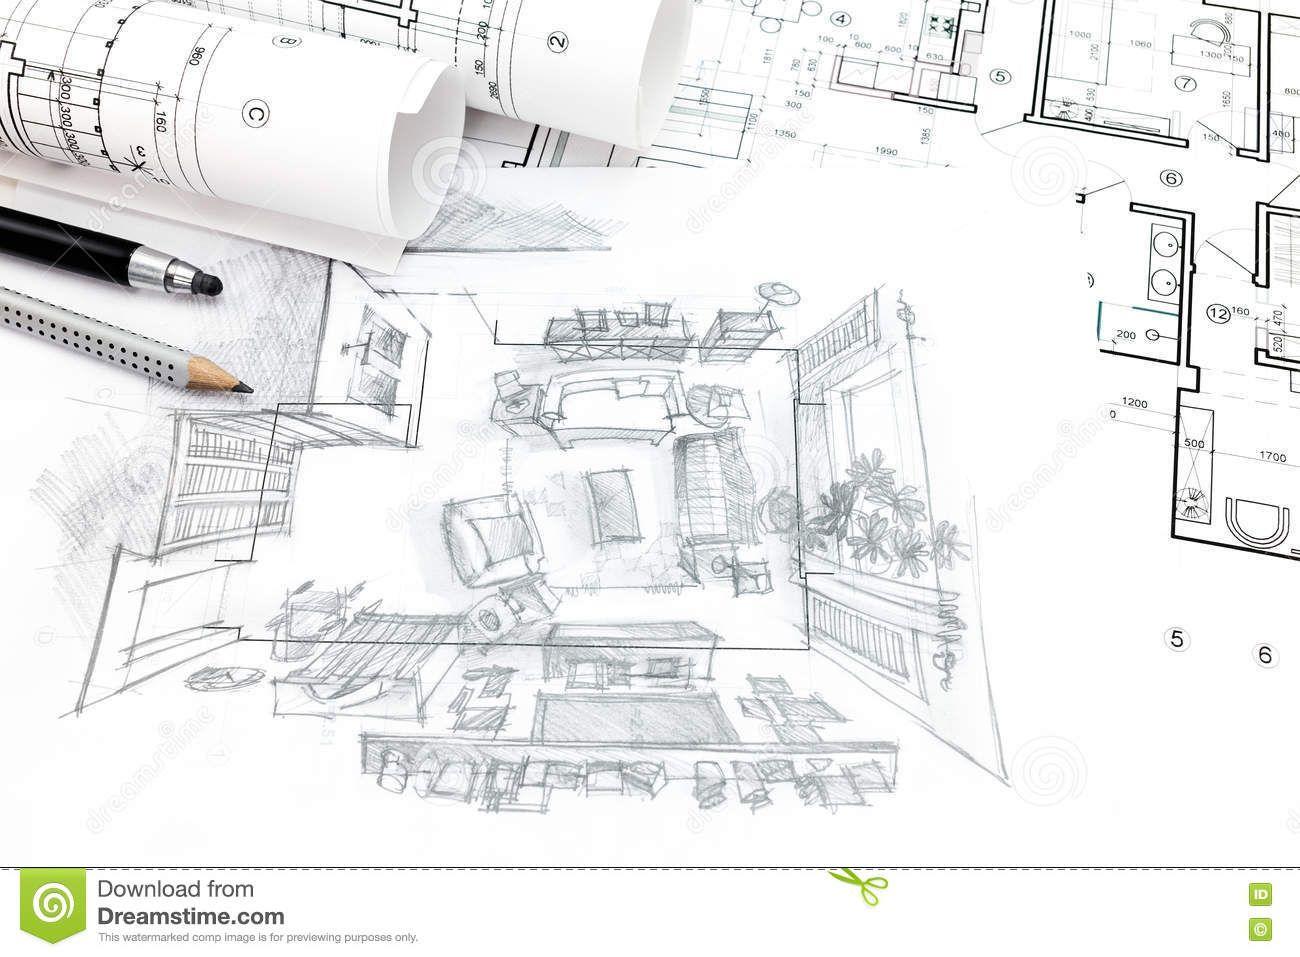 Home renovation concept architect blueprints hand drawn home renovation concept architect blueprints hand drawn architectural malvernweather Choice Image